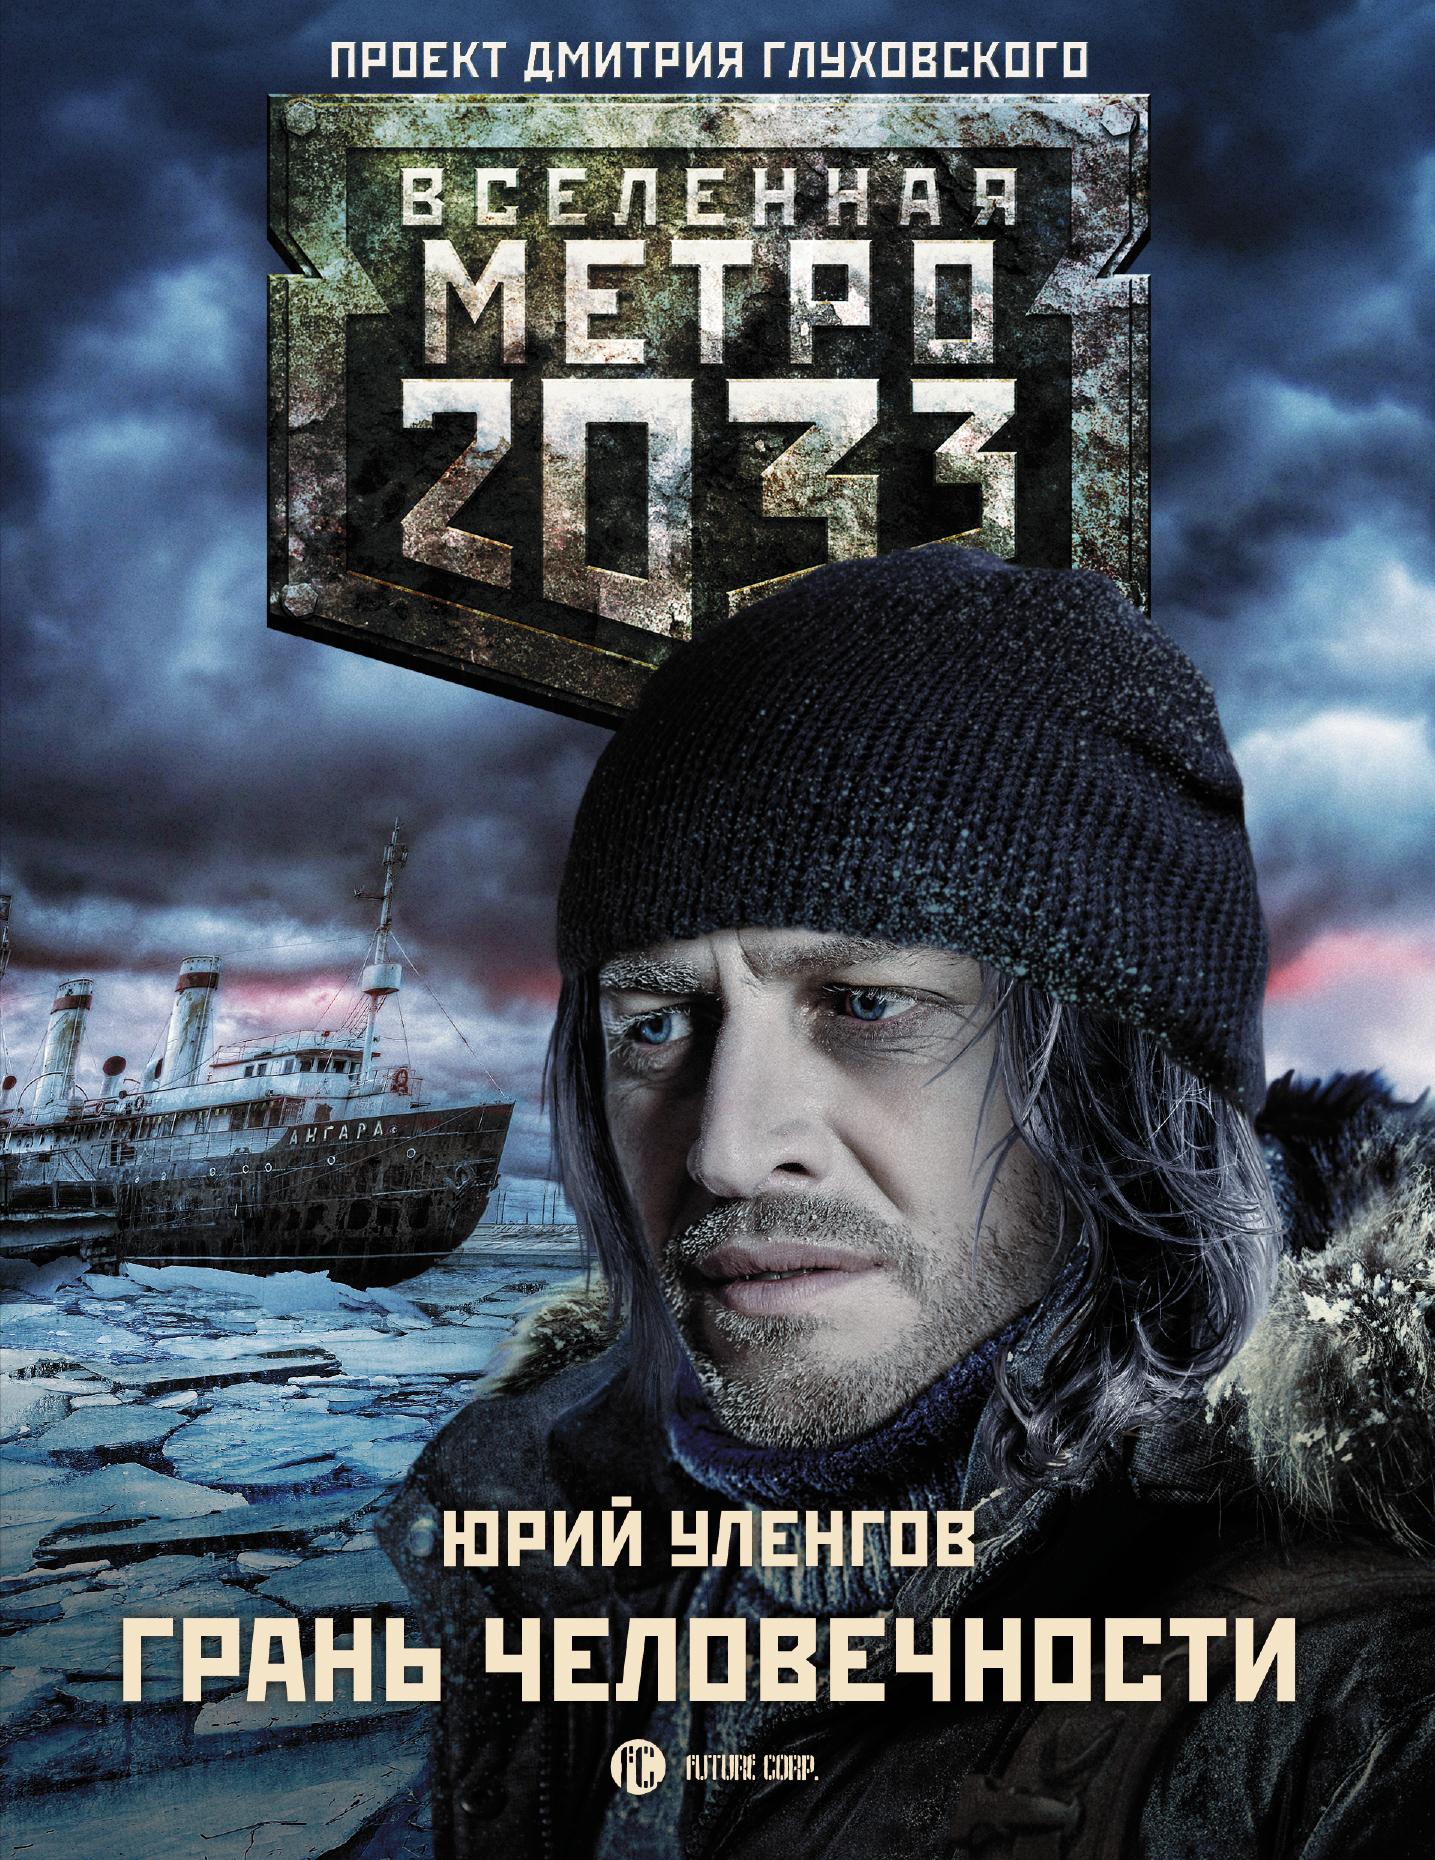 Купить Метро 2033. Грань человечности, Юрий Уленгов, 978-5-17-097913-4